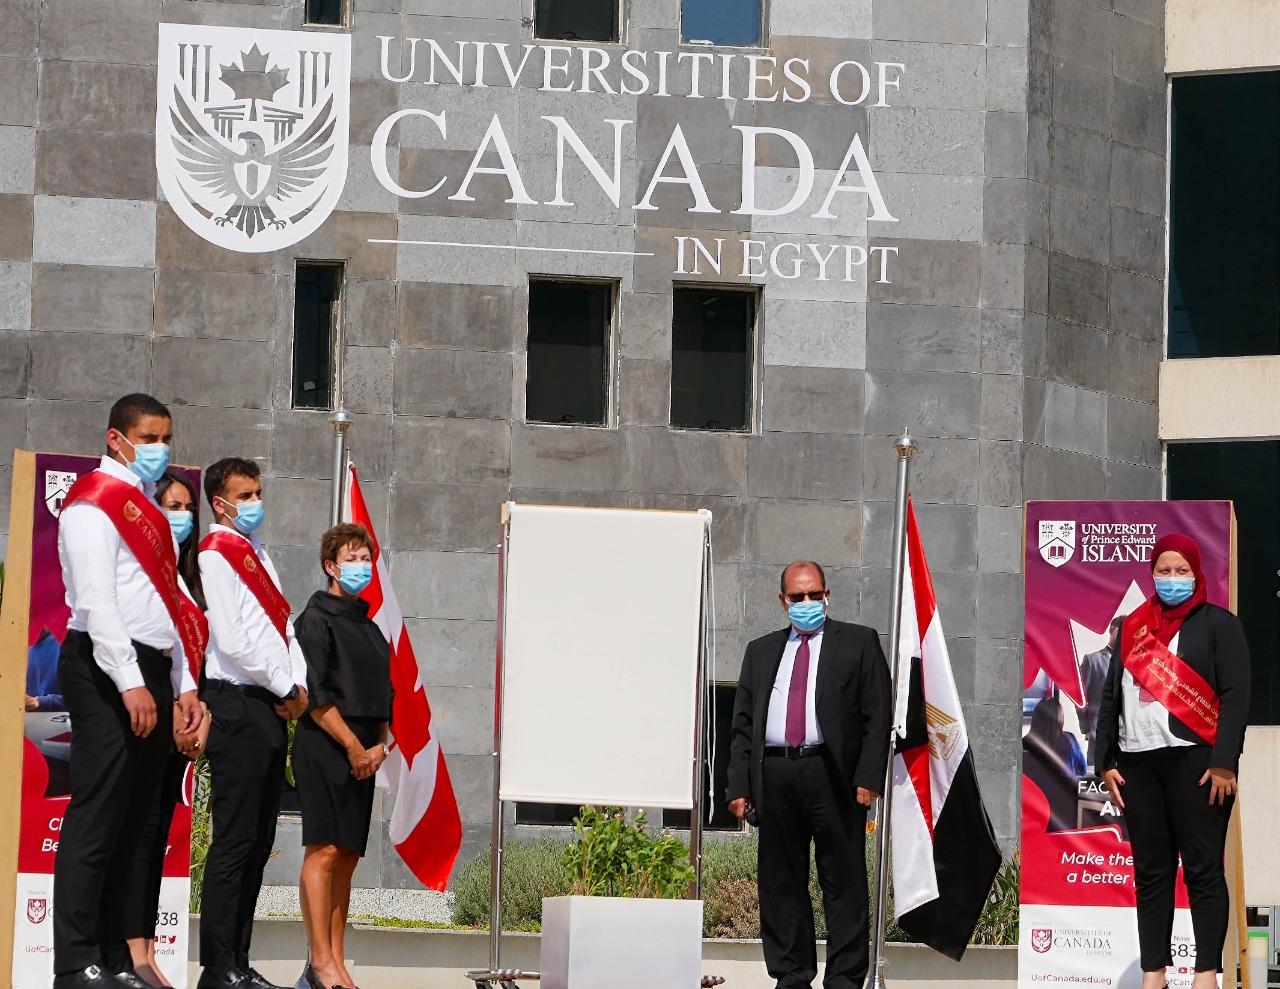 السيسي يشهد إفتتاح الجامعات الكندية في مصر